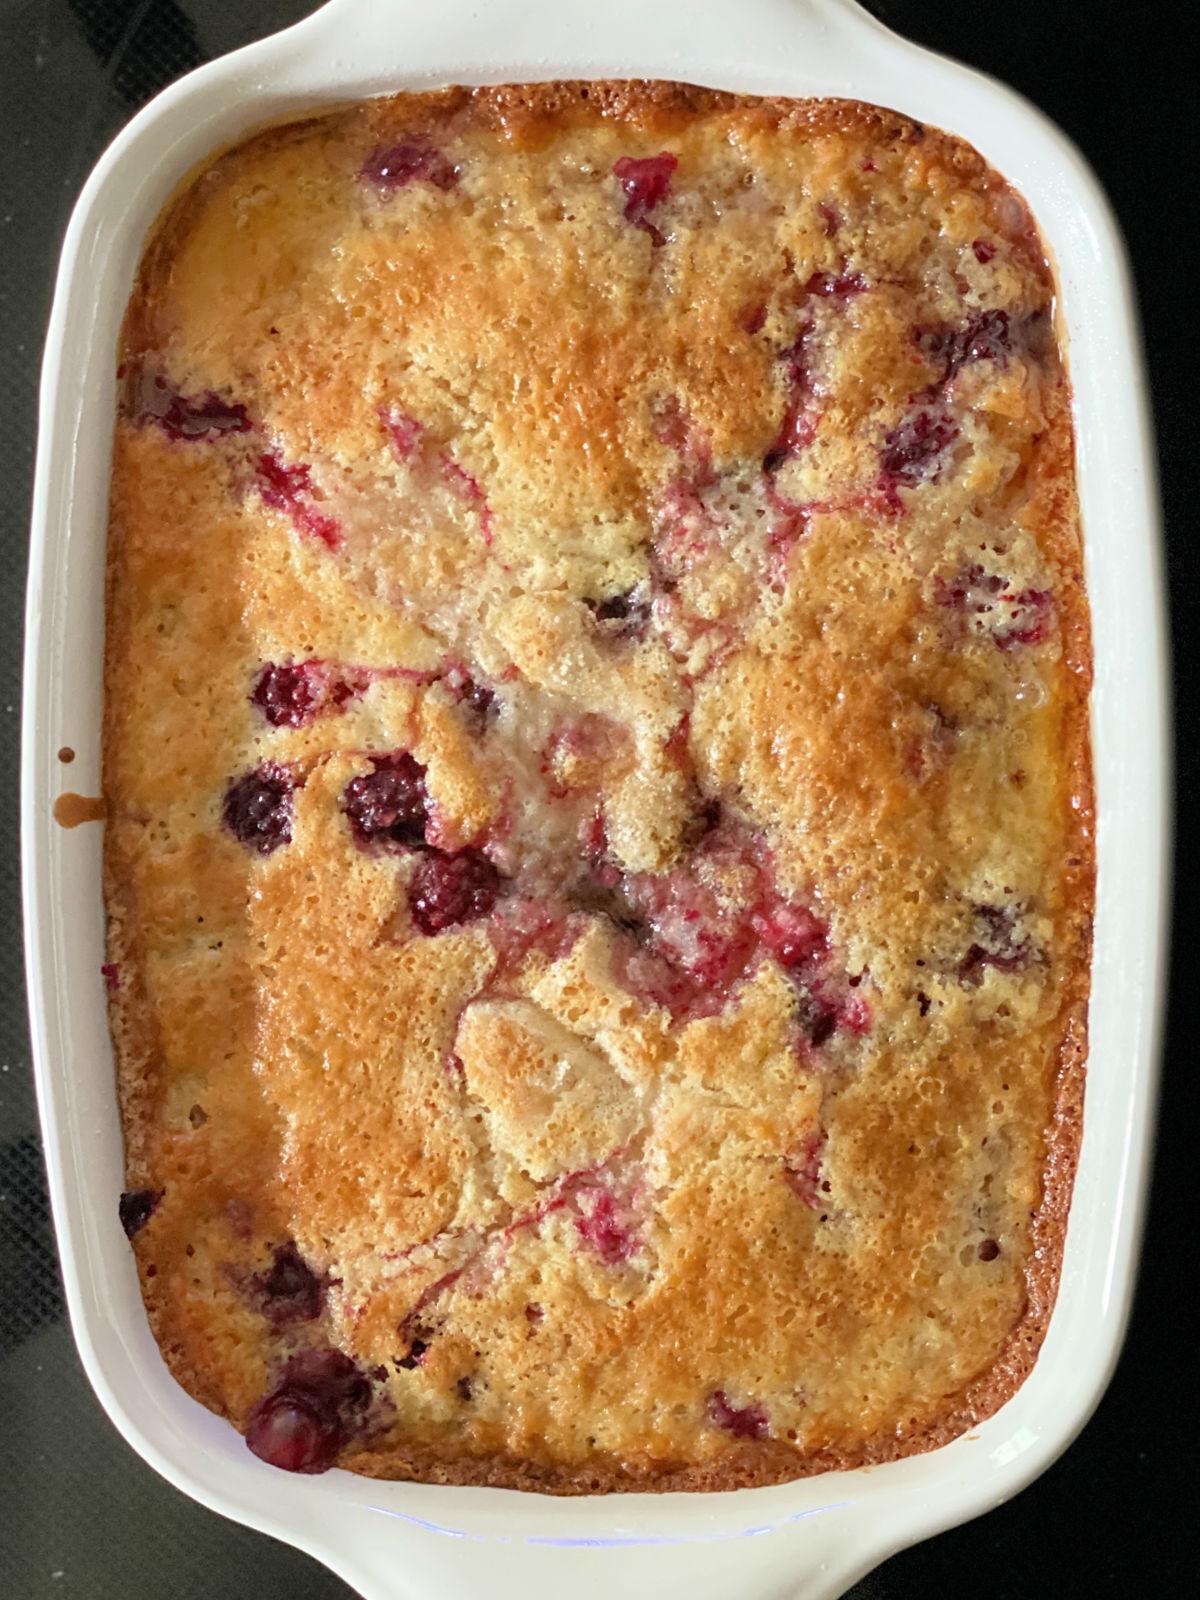 Baked blackberry cobbler in a white rectangle baking dish.